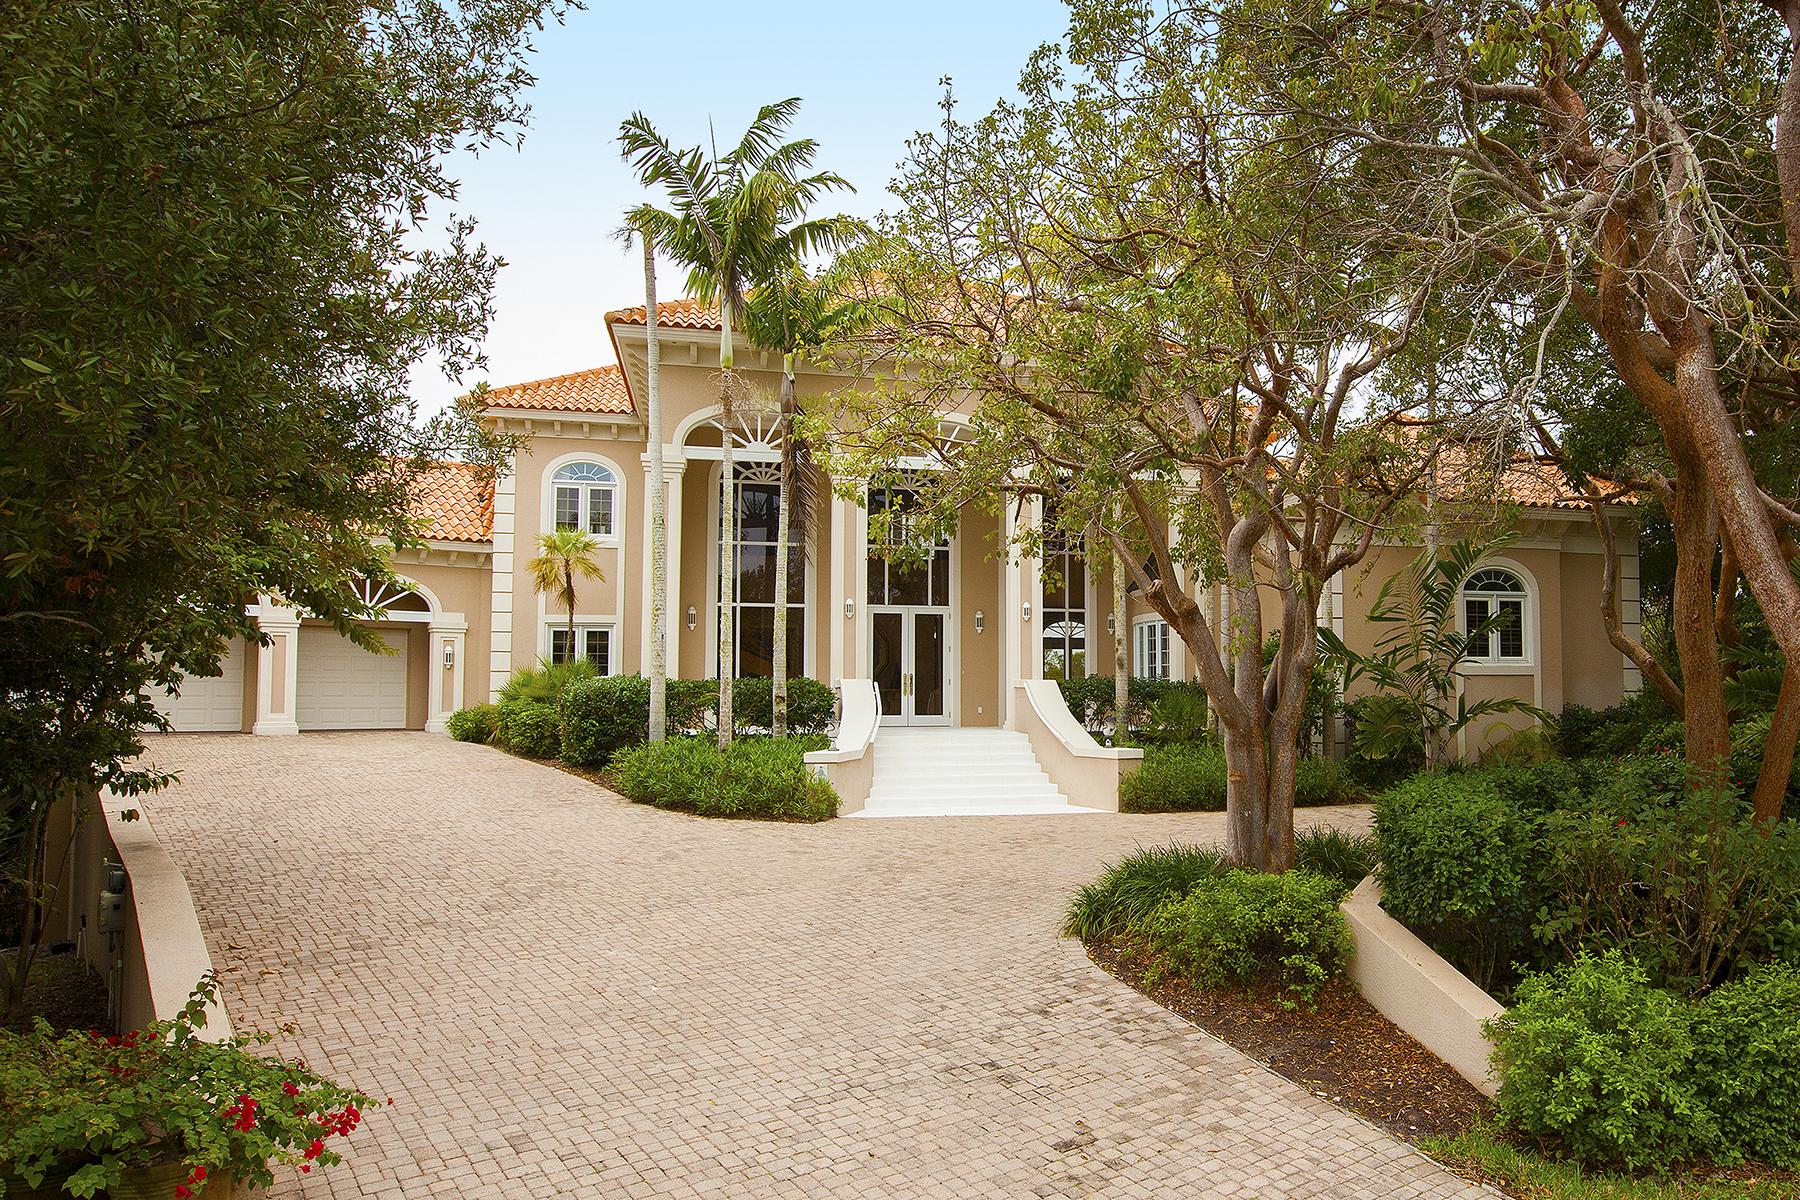 Tek Ailelik Ev için Satış at MARCO ISLAND - KEY MARCO 1180 Blue Hill Creek Dr Marco Island, Florida, 34145 Amerika Birleşik Devletleri